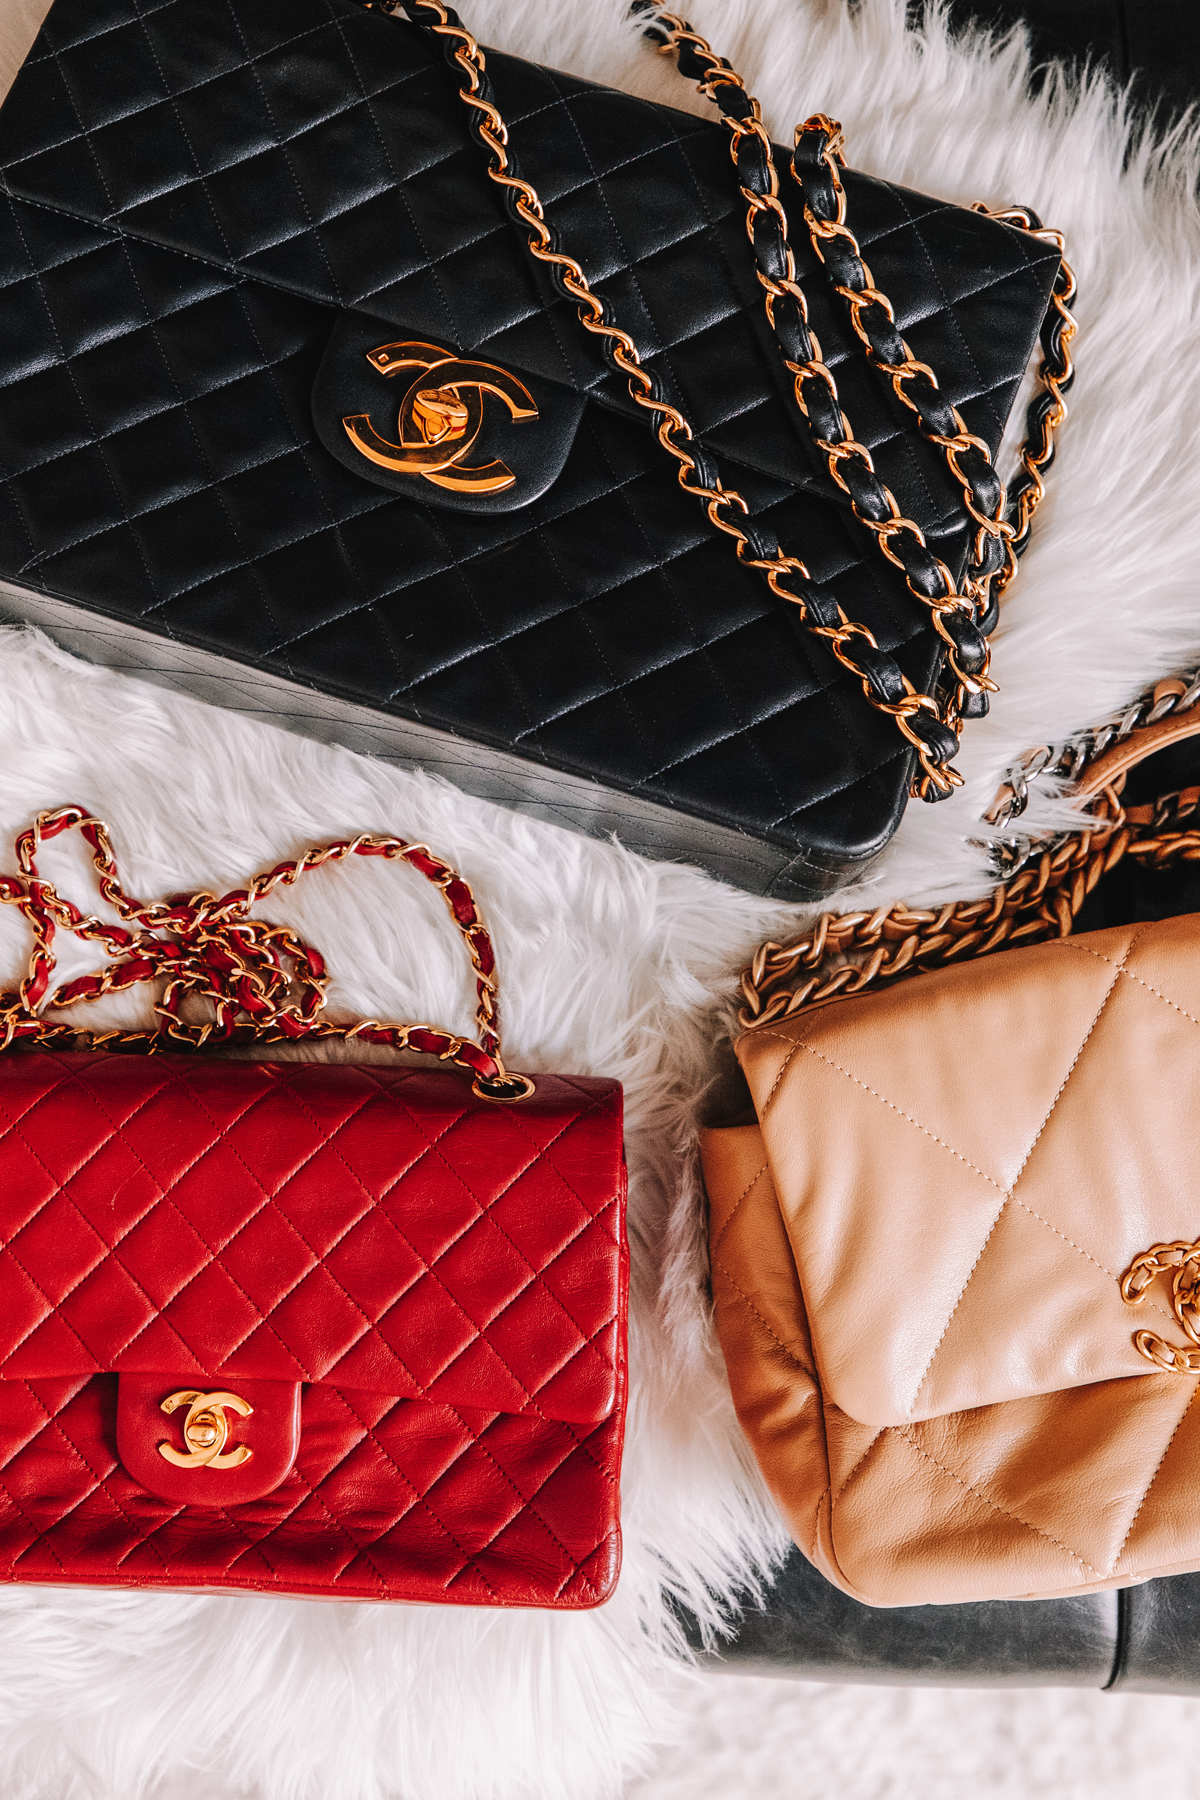 Fashion Jackson Chanel Handbag Collection 4